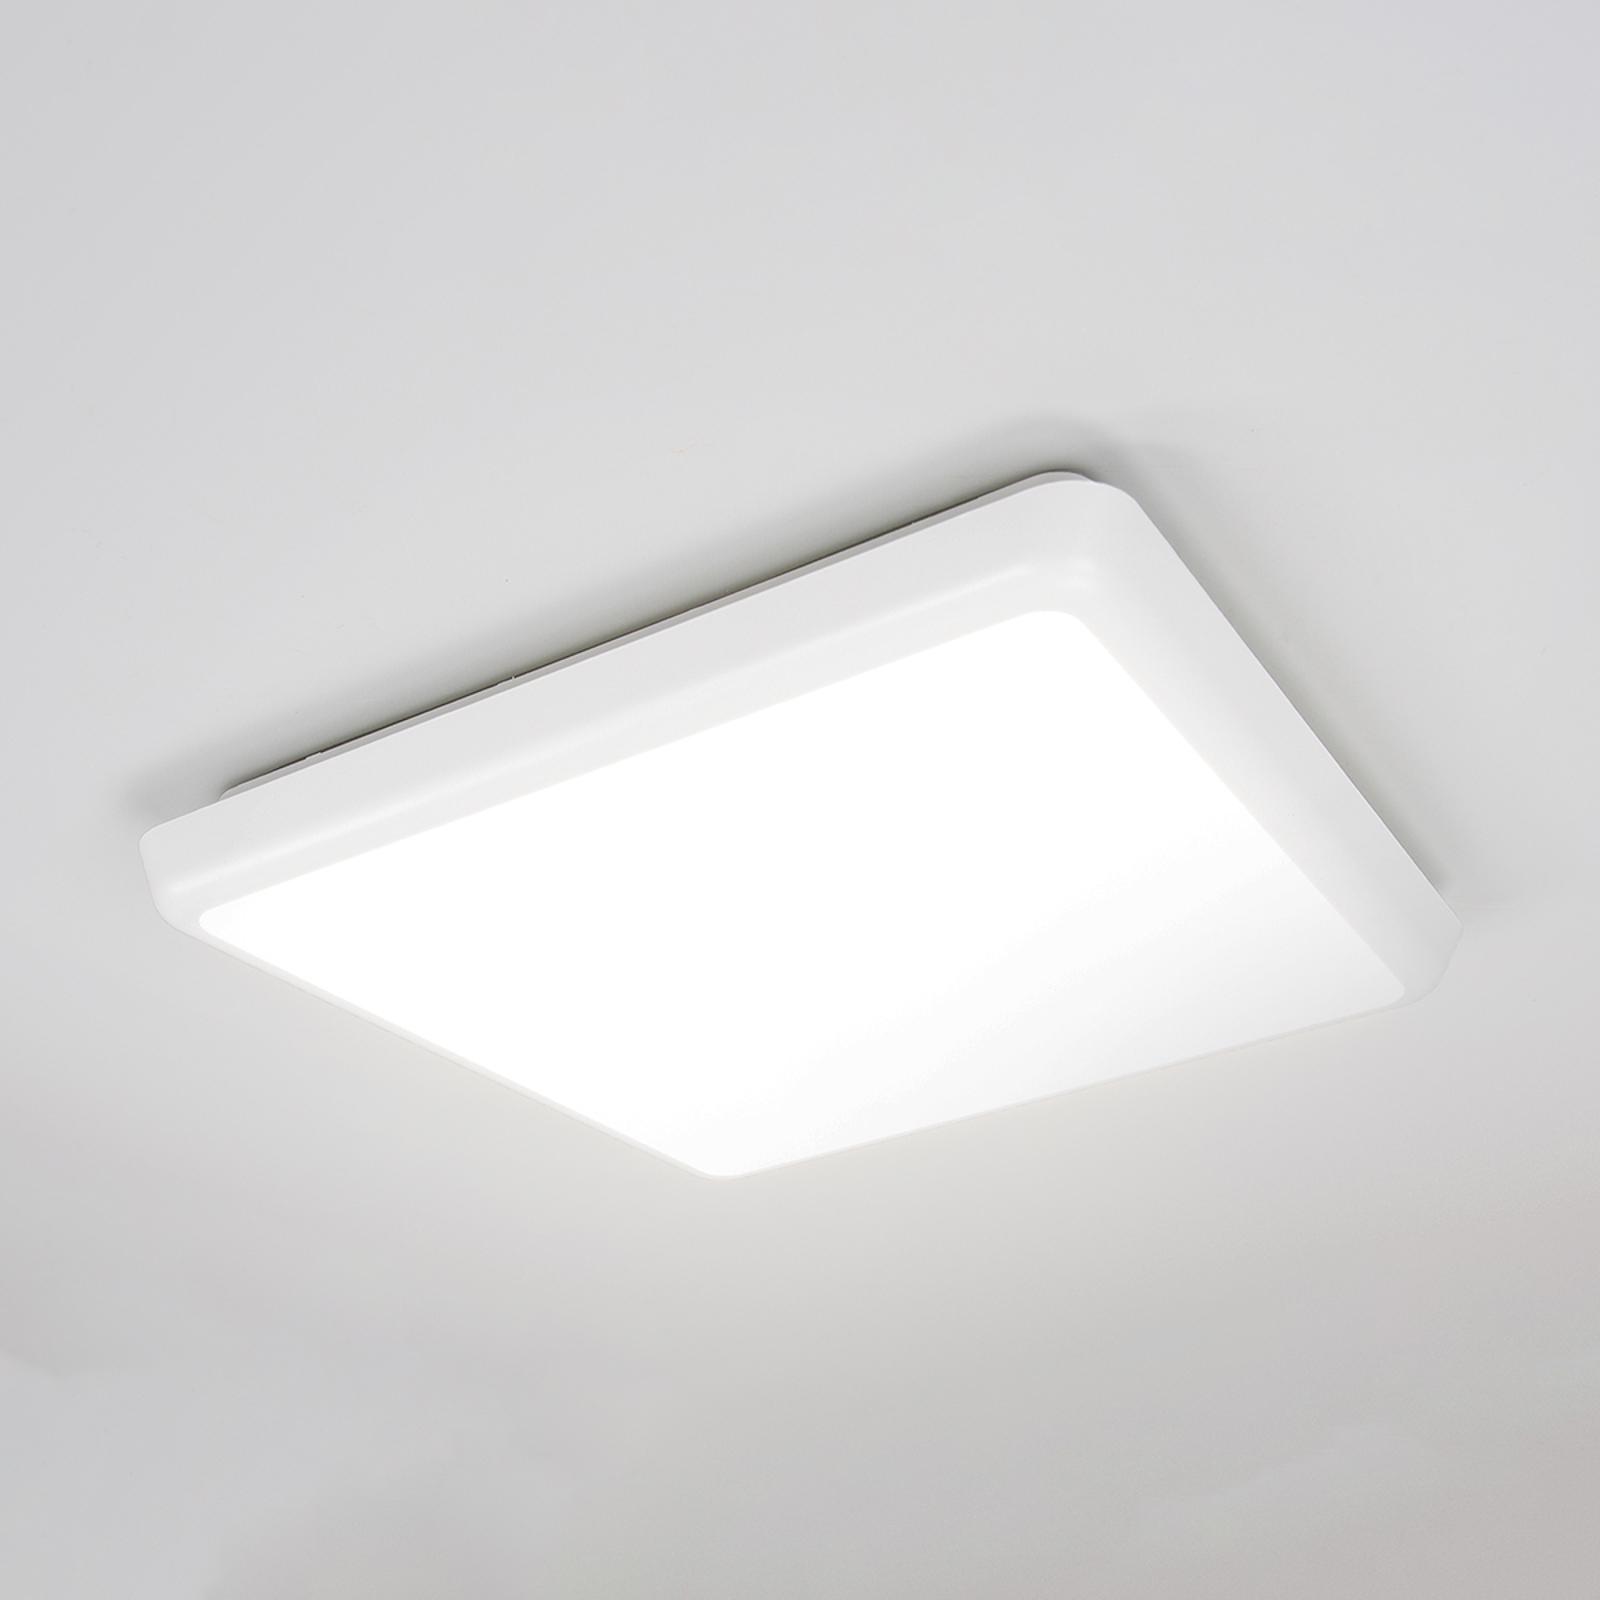 Jednoduché stropní světlo Augustin s LED, IP54